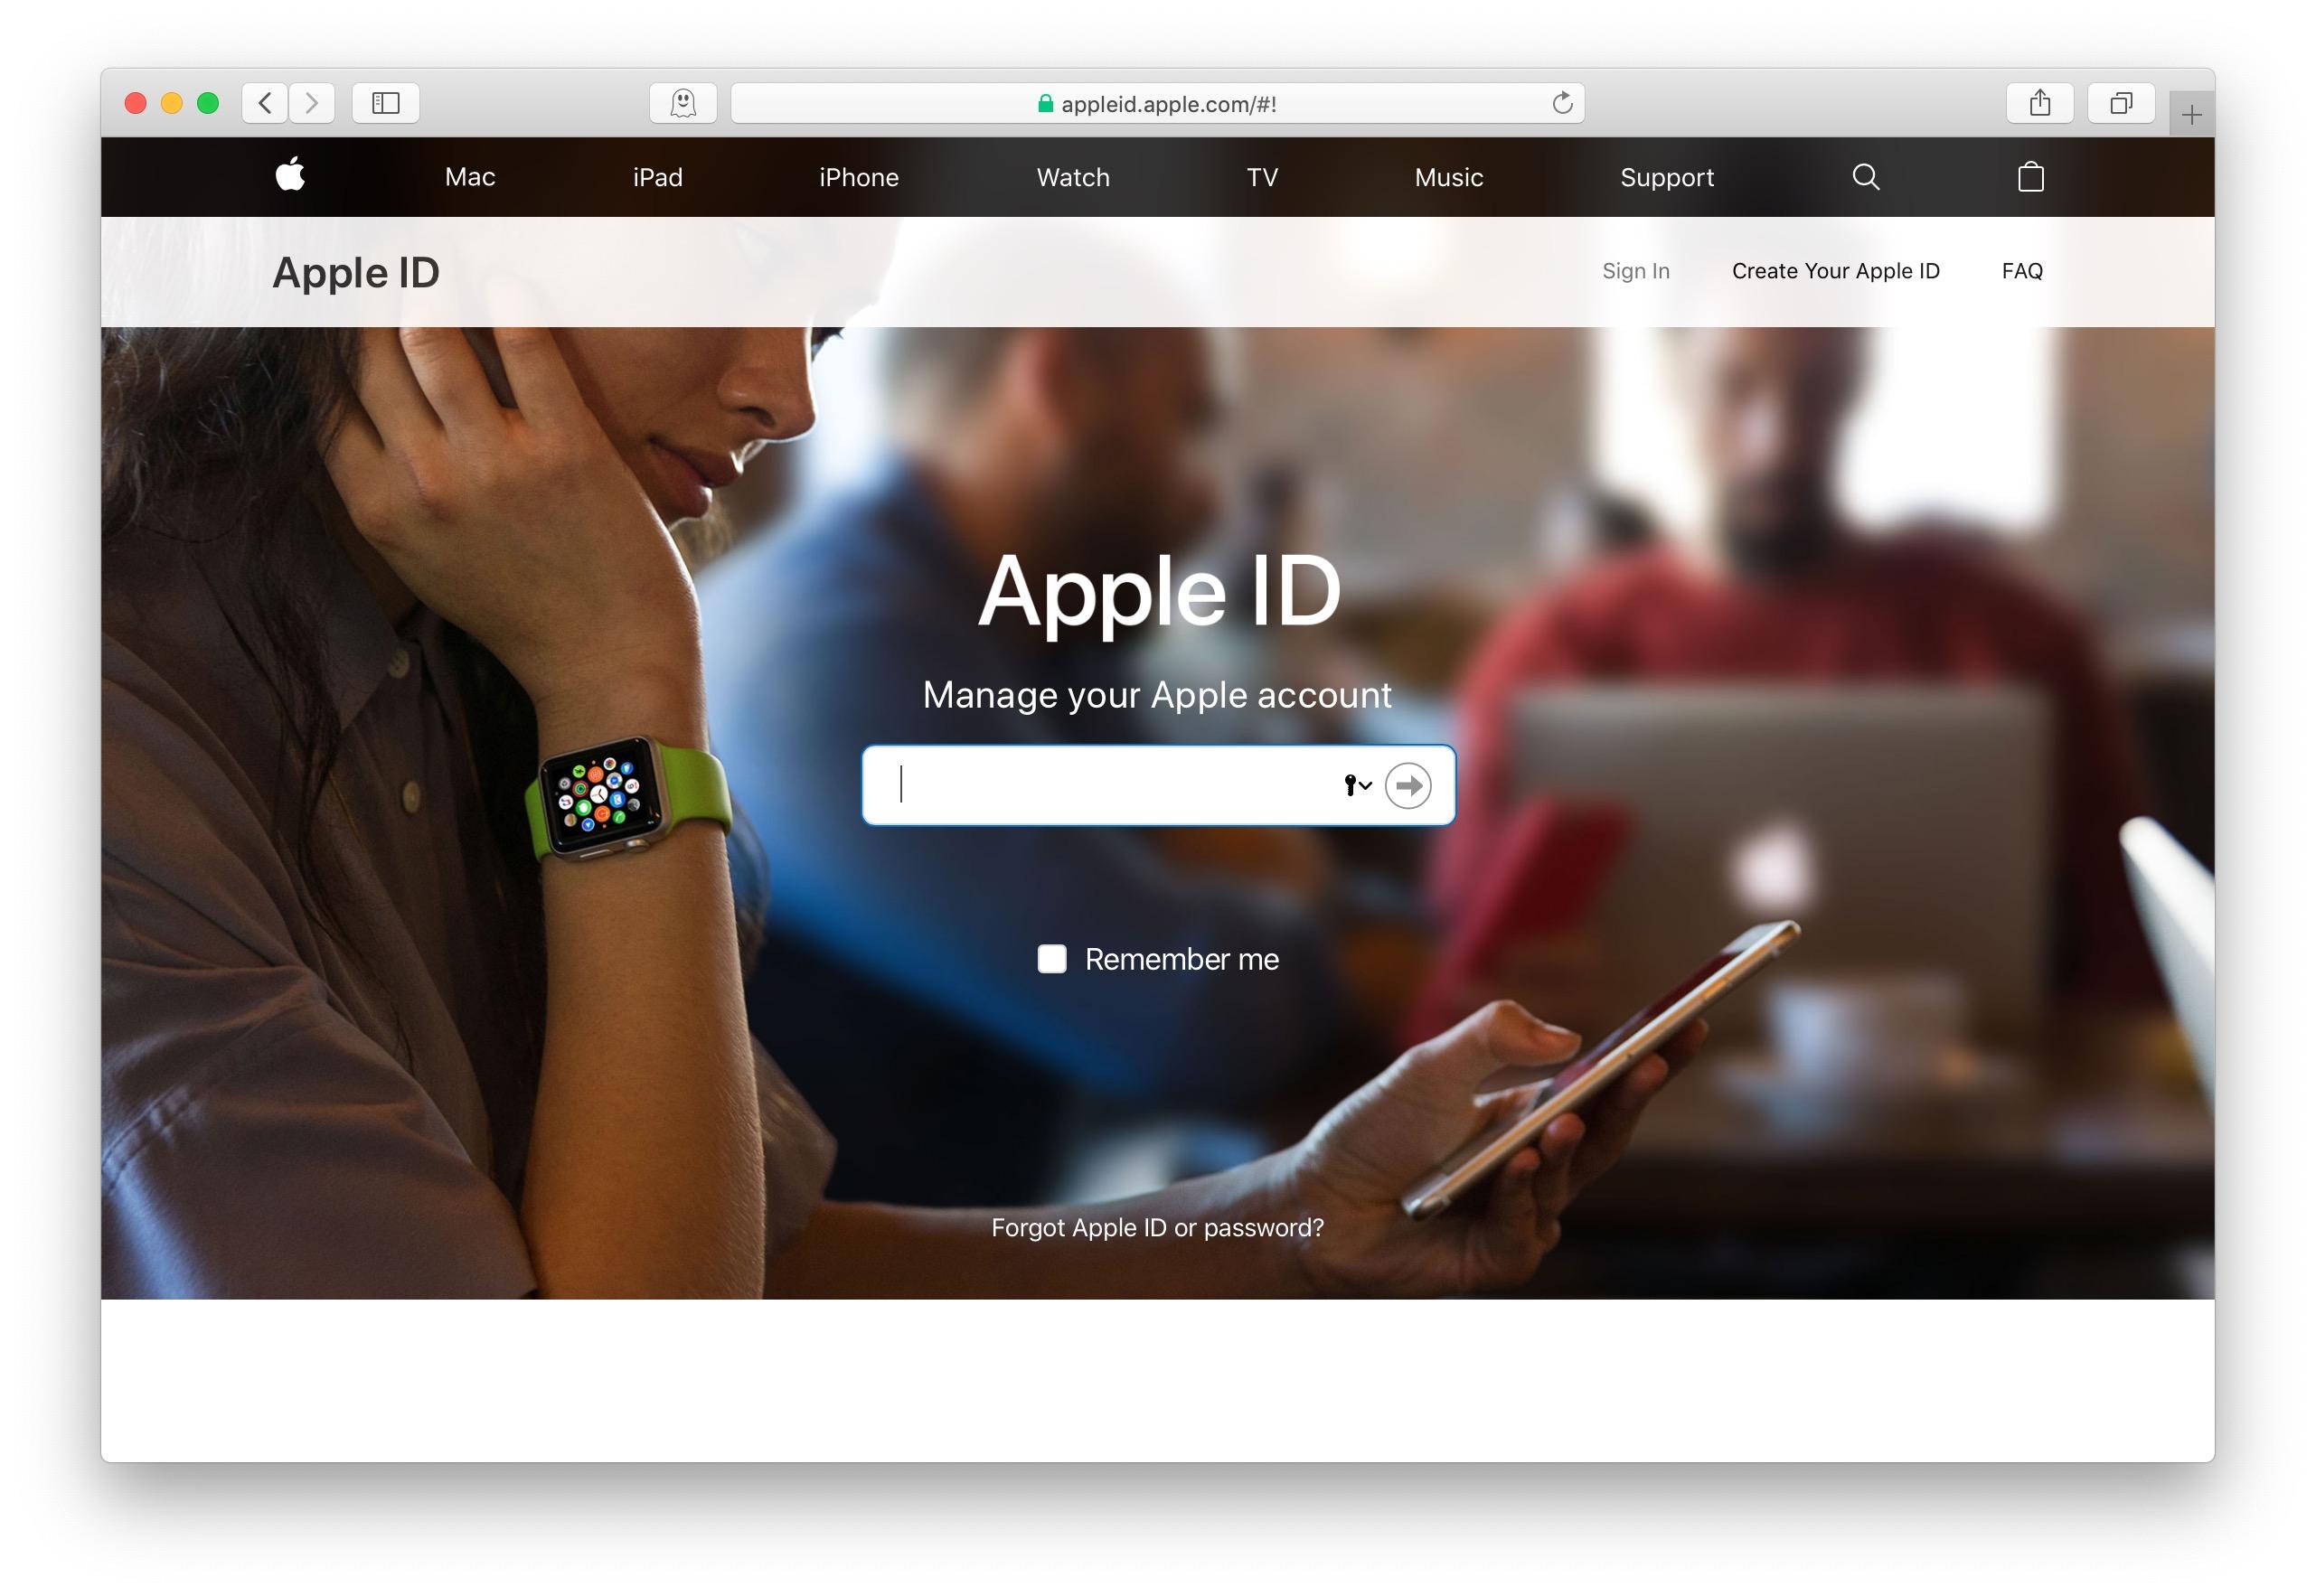 Cómo crear una nueva ID de Apple de forma fácil, desde iPhone, iPad, Mac o PC